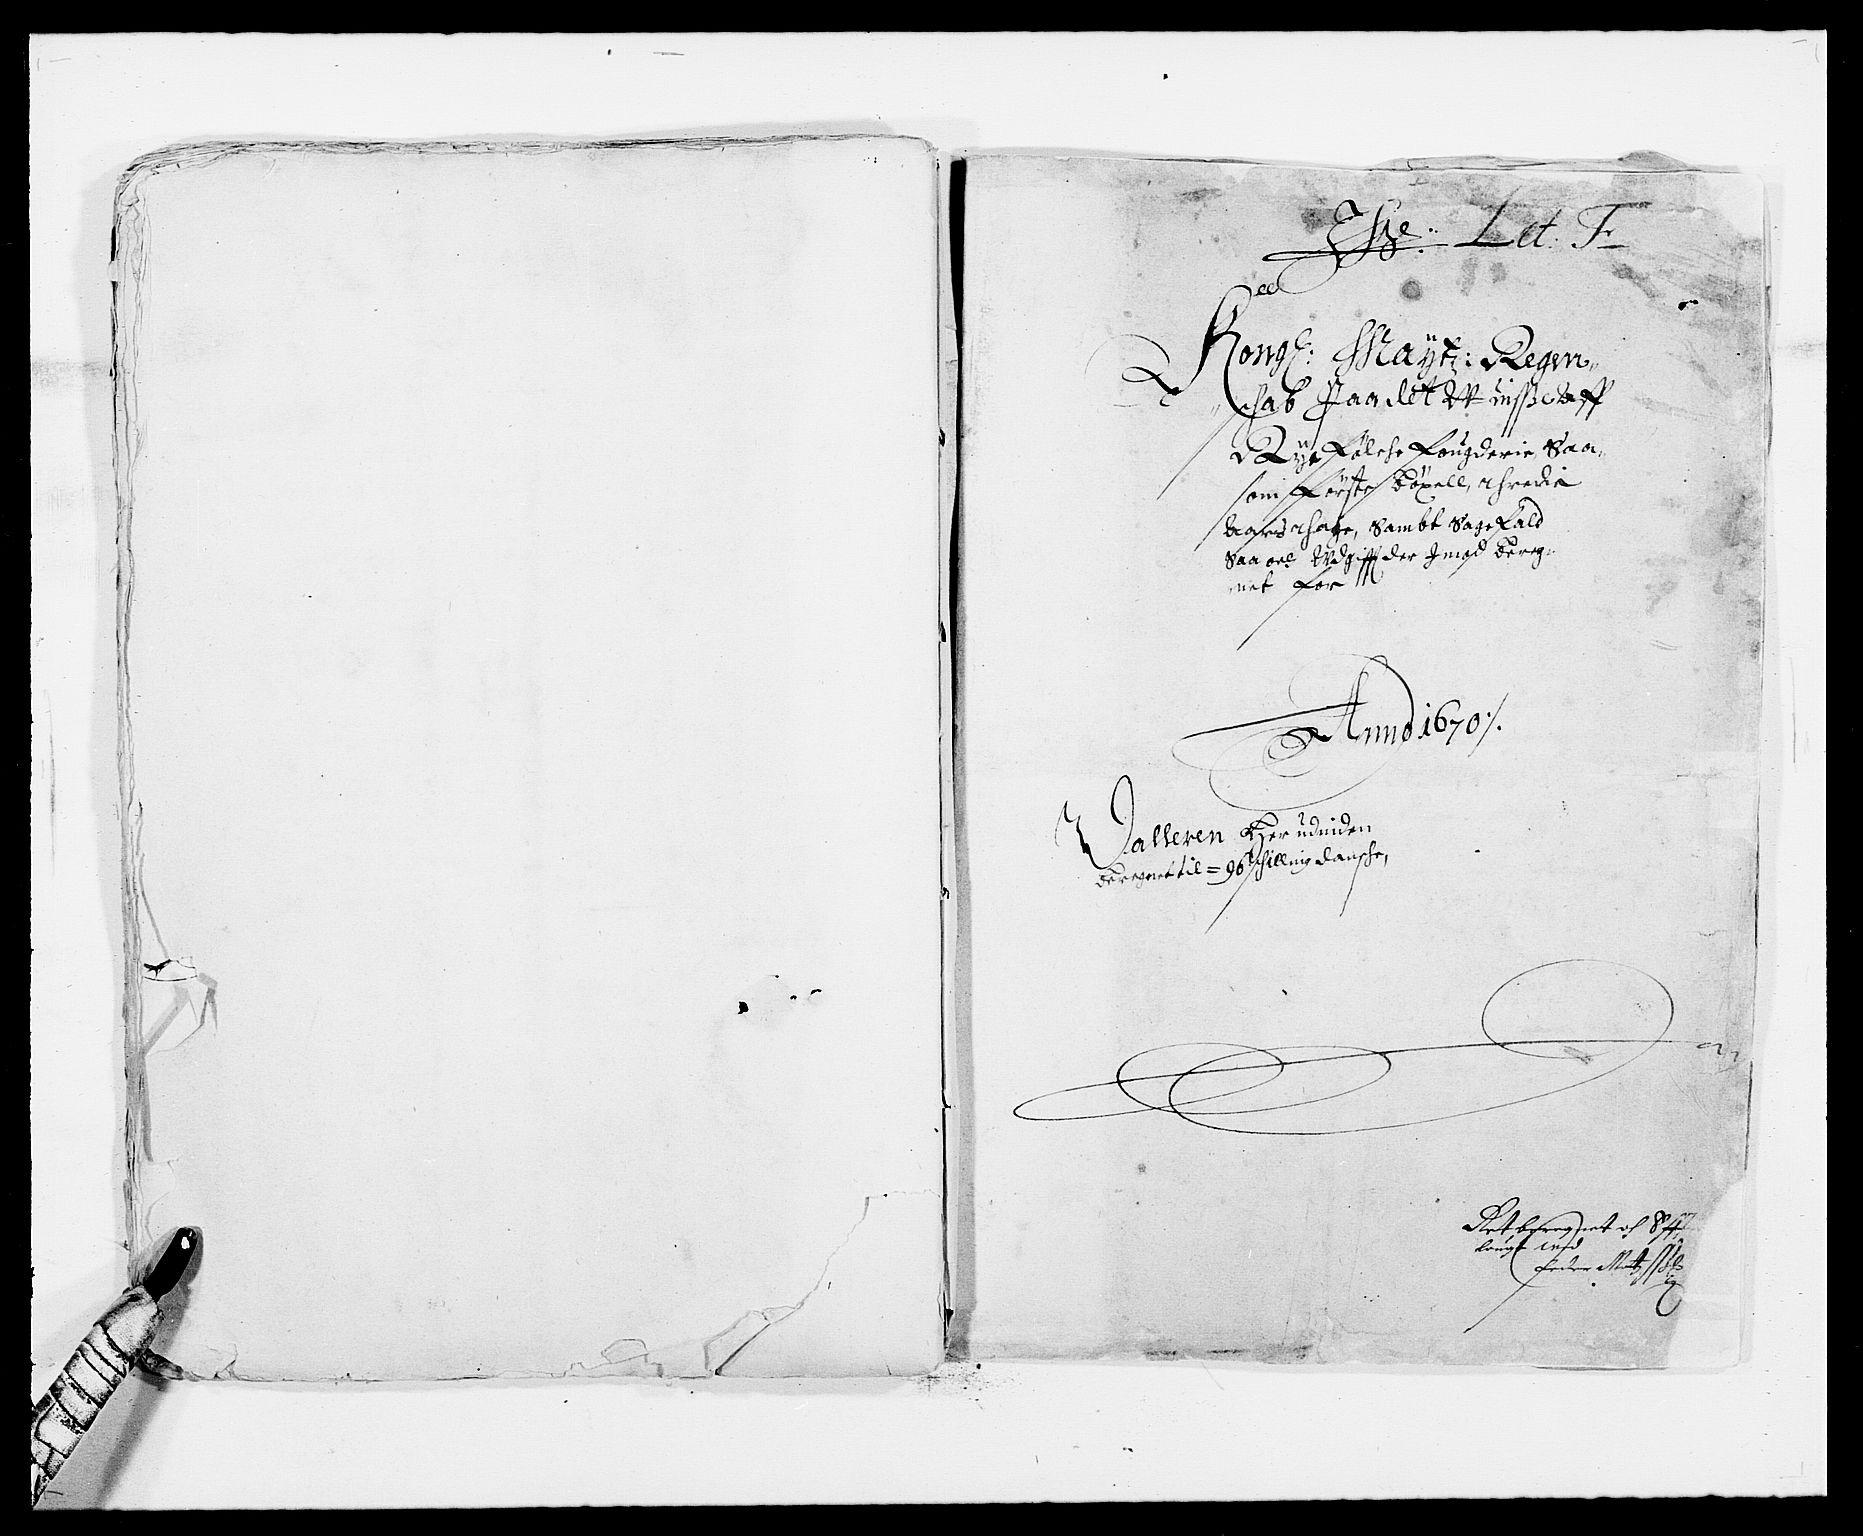 RA, Rentekammeret inntil 1814, Reviderte regnskaper, Fogderegnskap, R47/L2843: Fogderegnskap Ryfylke, 1670-1671, s. 200